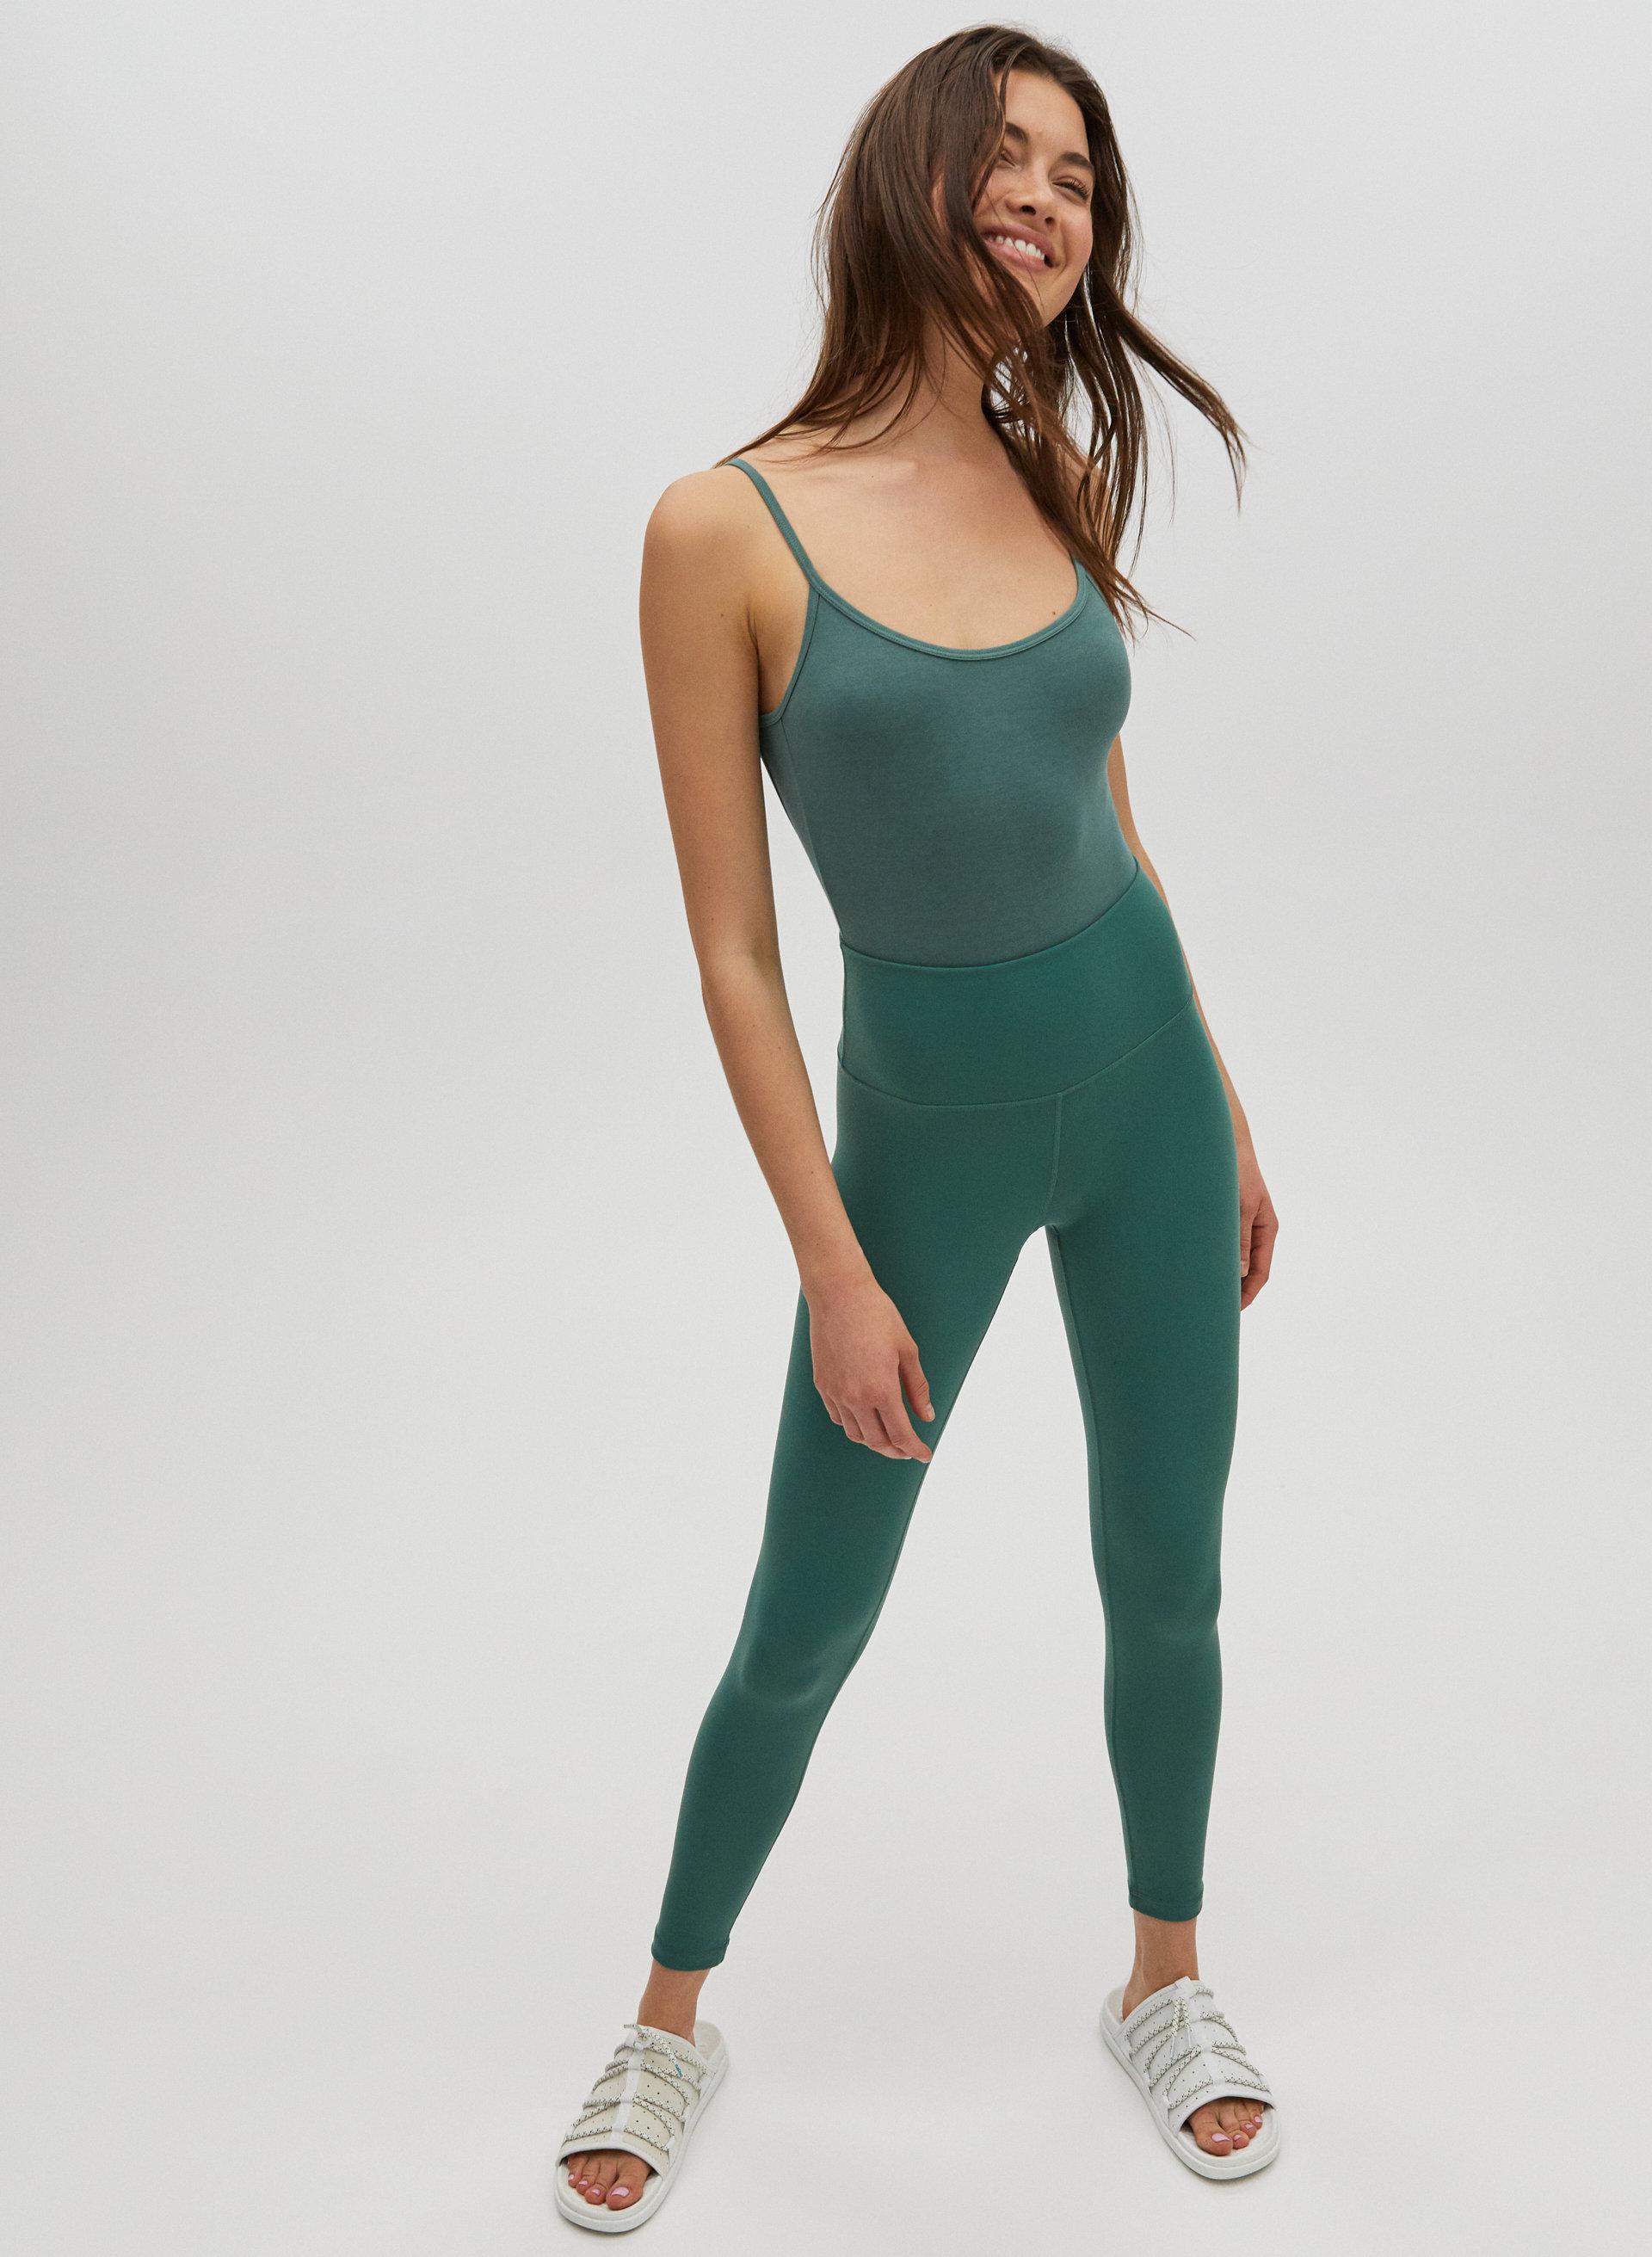 XL Multi Colored Retro Fashion Leggings LG